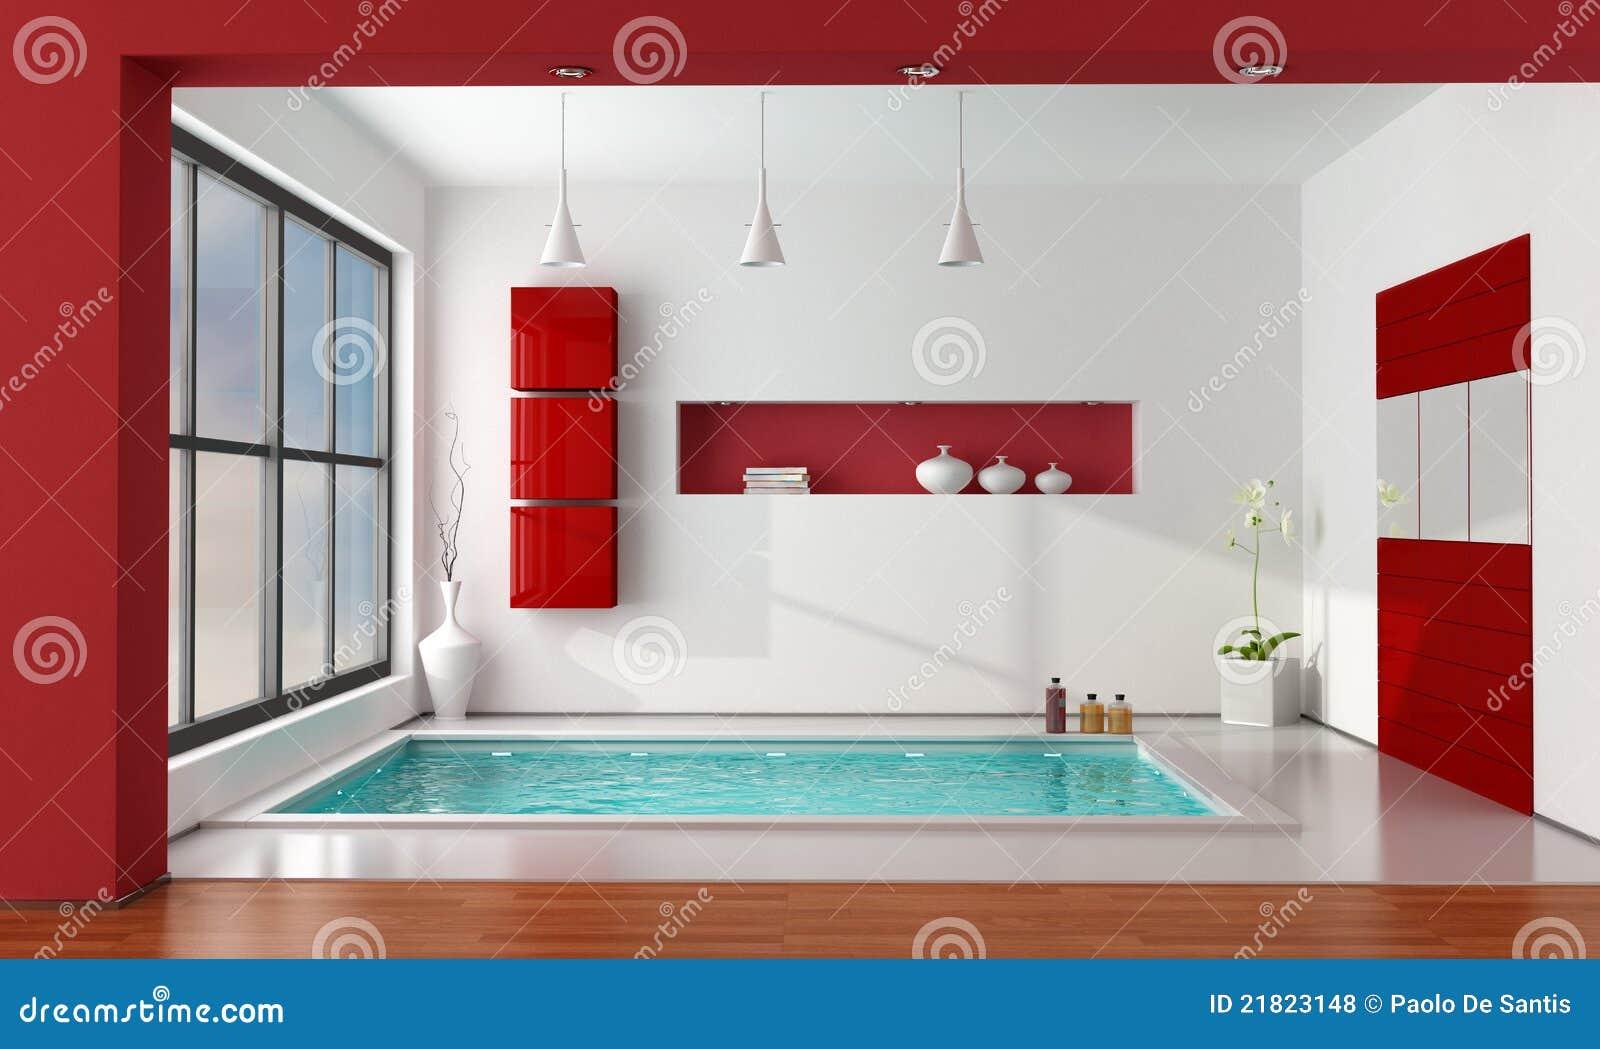 Baño Minimalista Rojo: de archivo libres de regalías: Cuarto de baño de lujo rojo y blanco